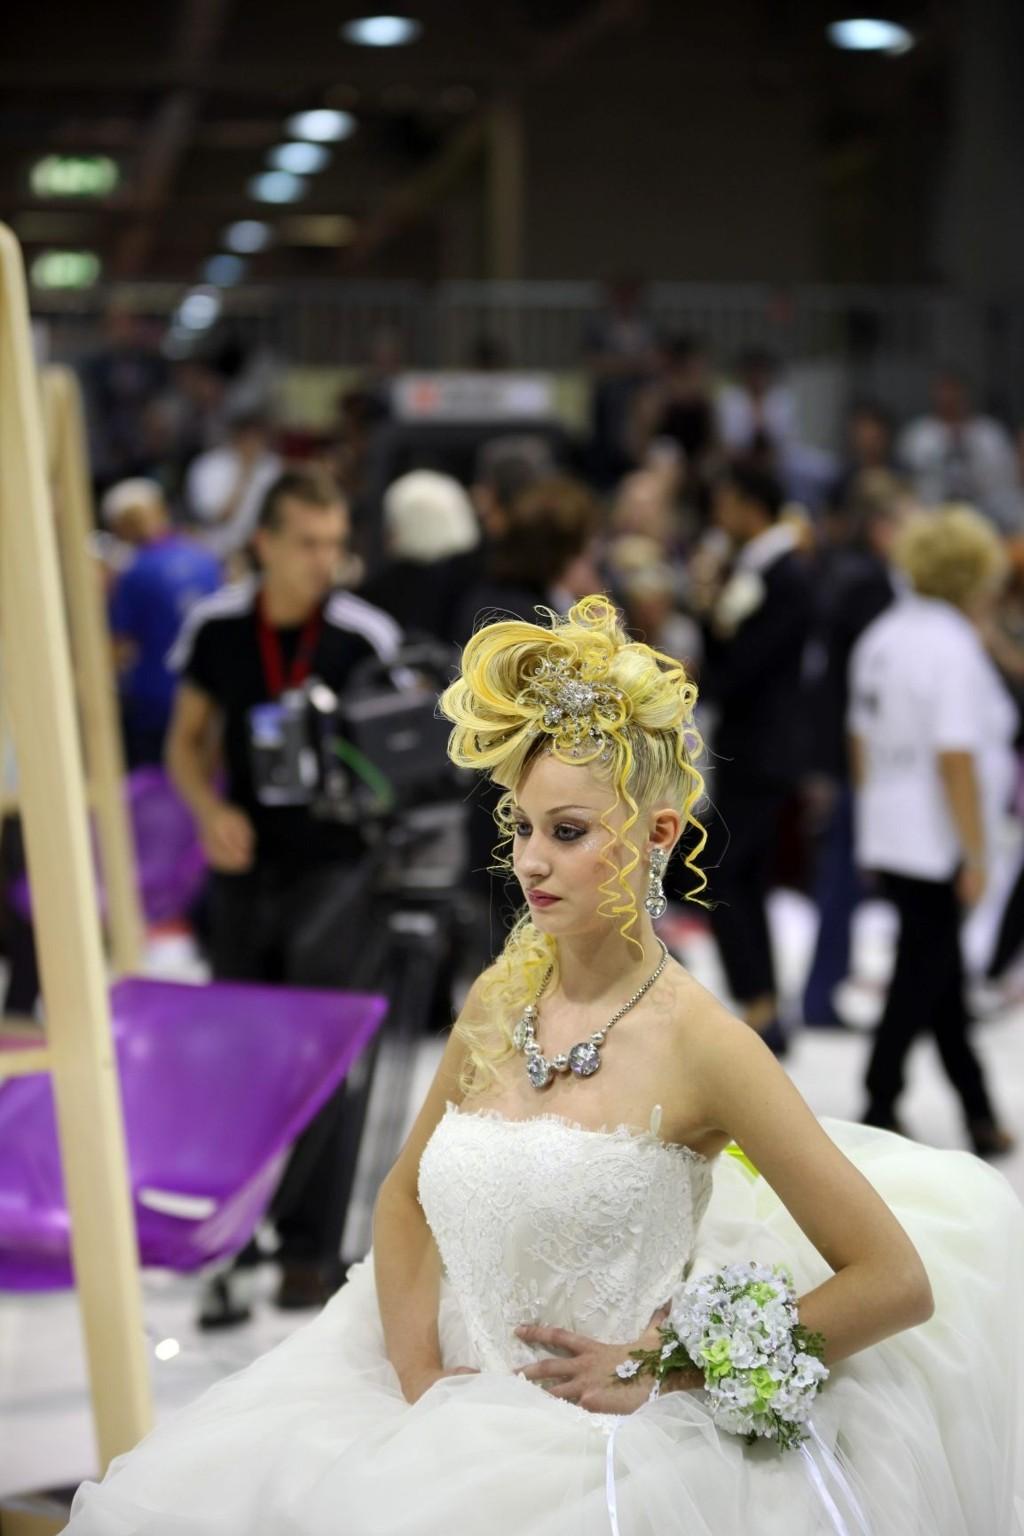 Brudefrisering er en av stilartene i VM i frisering som gikk av stabelen i Milano tidligere i september.